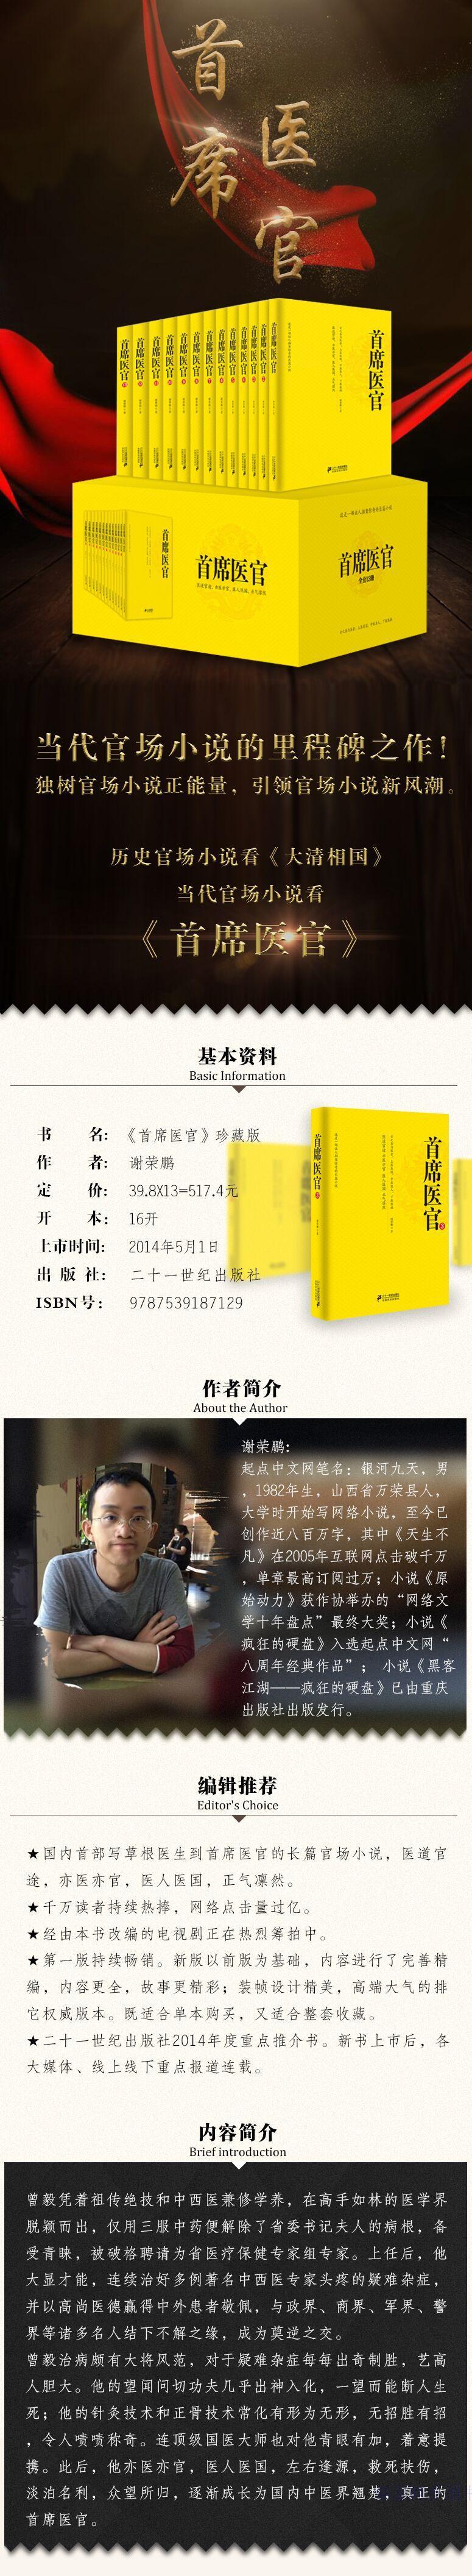 首席医官_ok正版现货 首席医官1-13(全集13册)珍藏版1 2 3 4 5 6 7 8 9 10